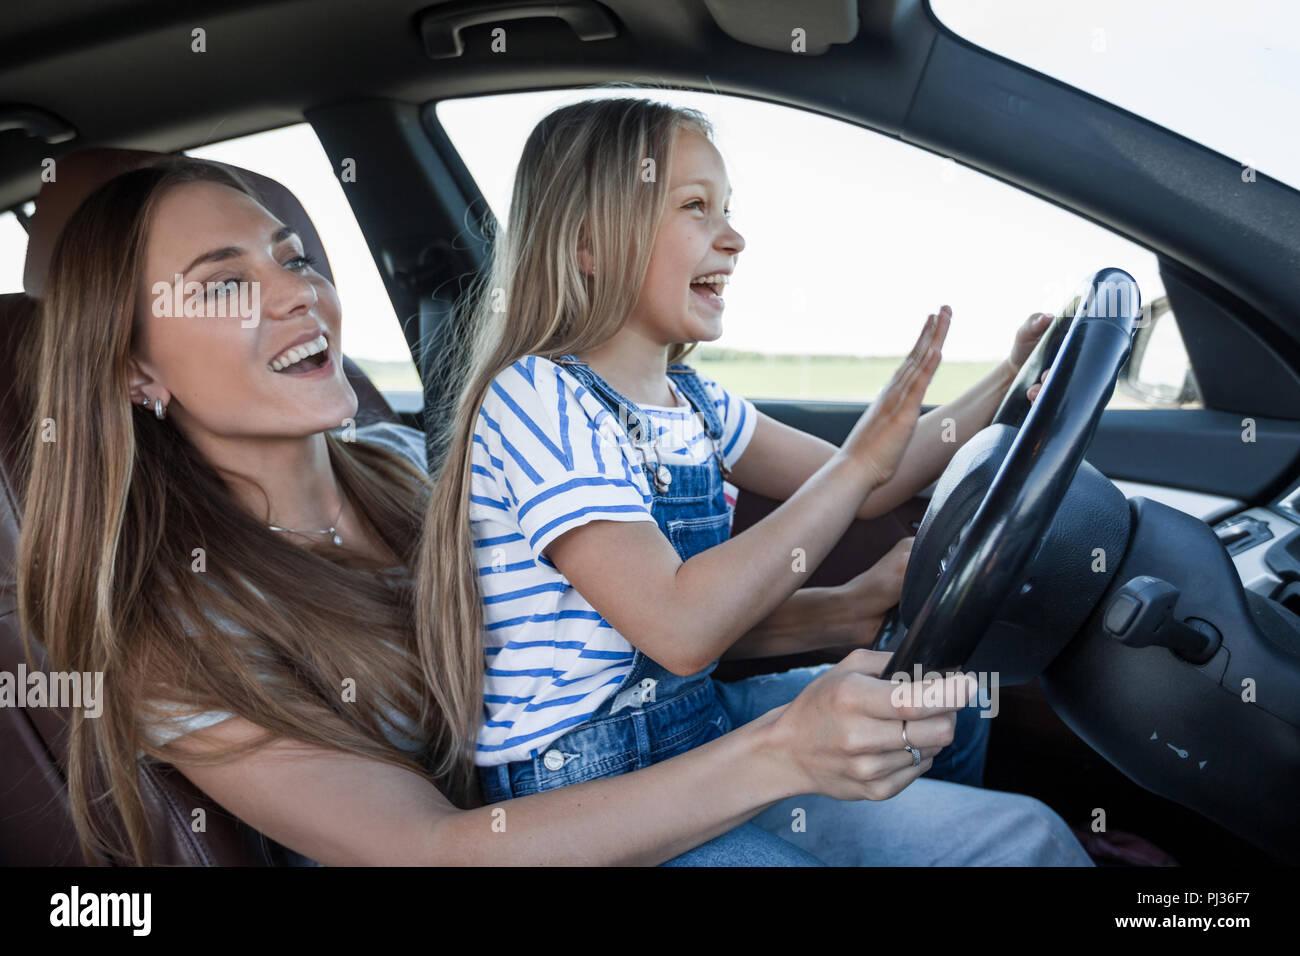 Mama lehrt ihre kleine Tochter zu fahren Stockbild